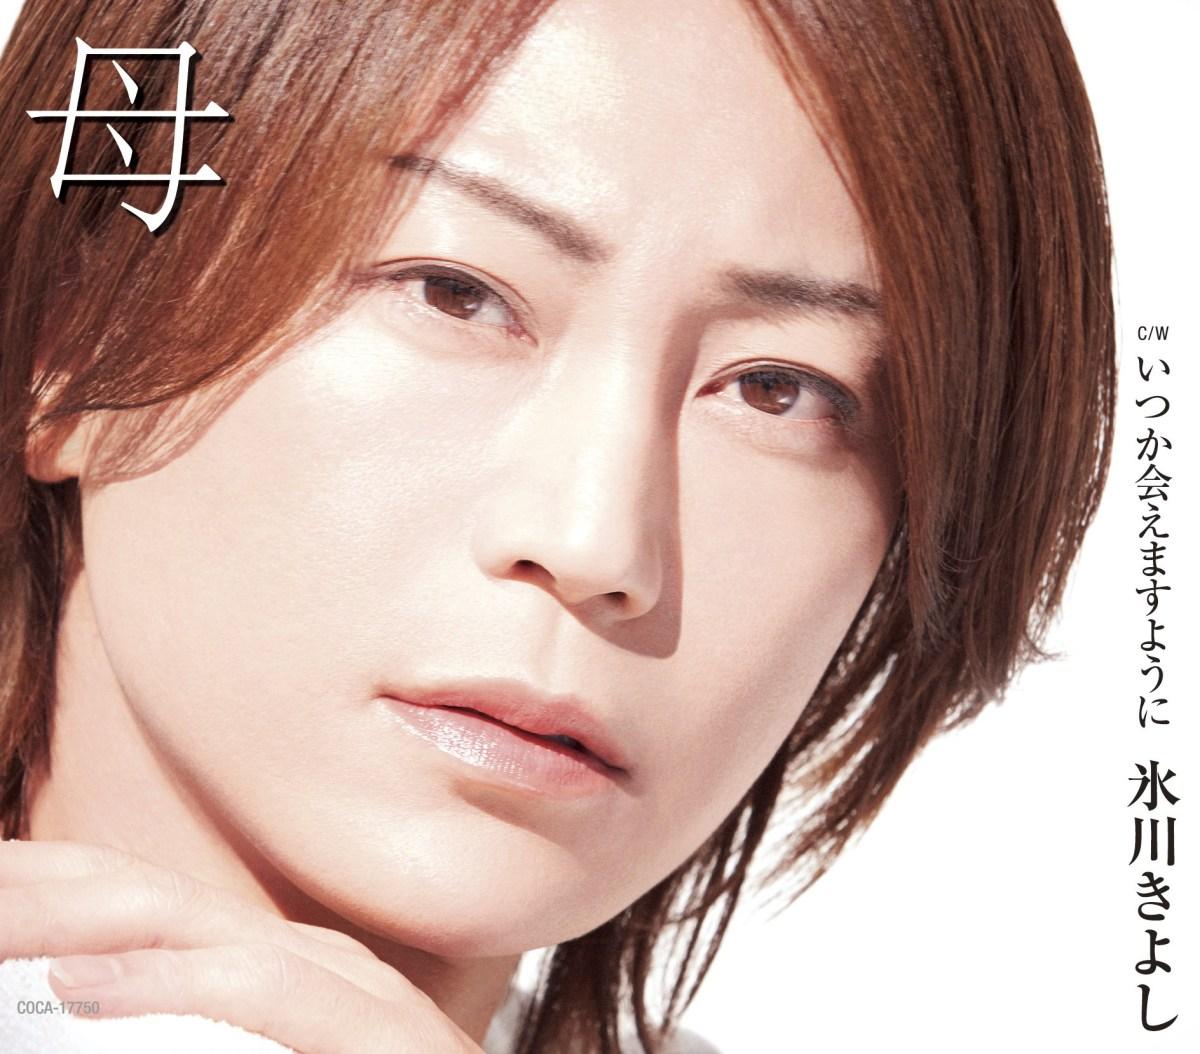 『氷川きよし - 東京ヨイトコ音頭2020』収録の『母』ジャケット